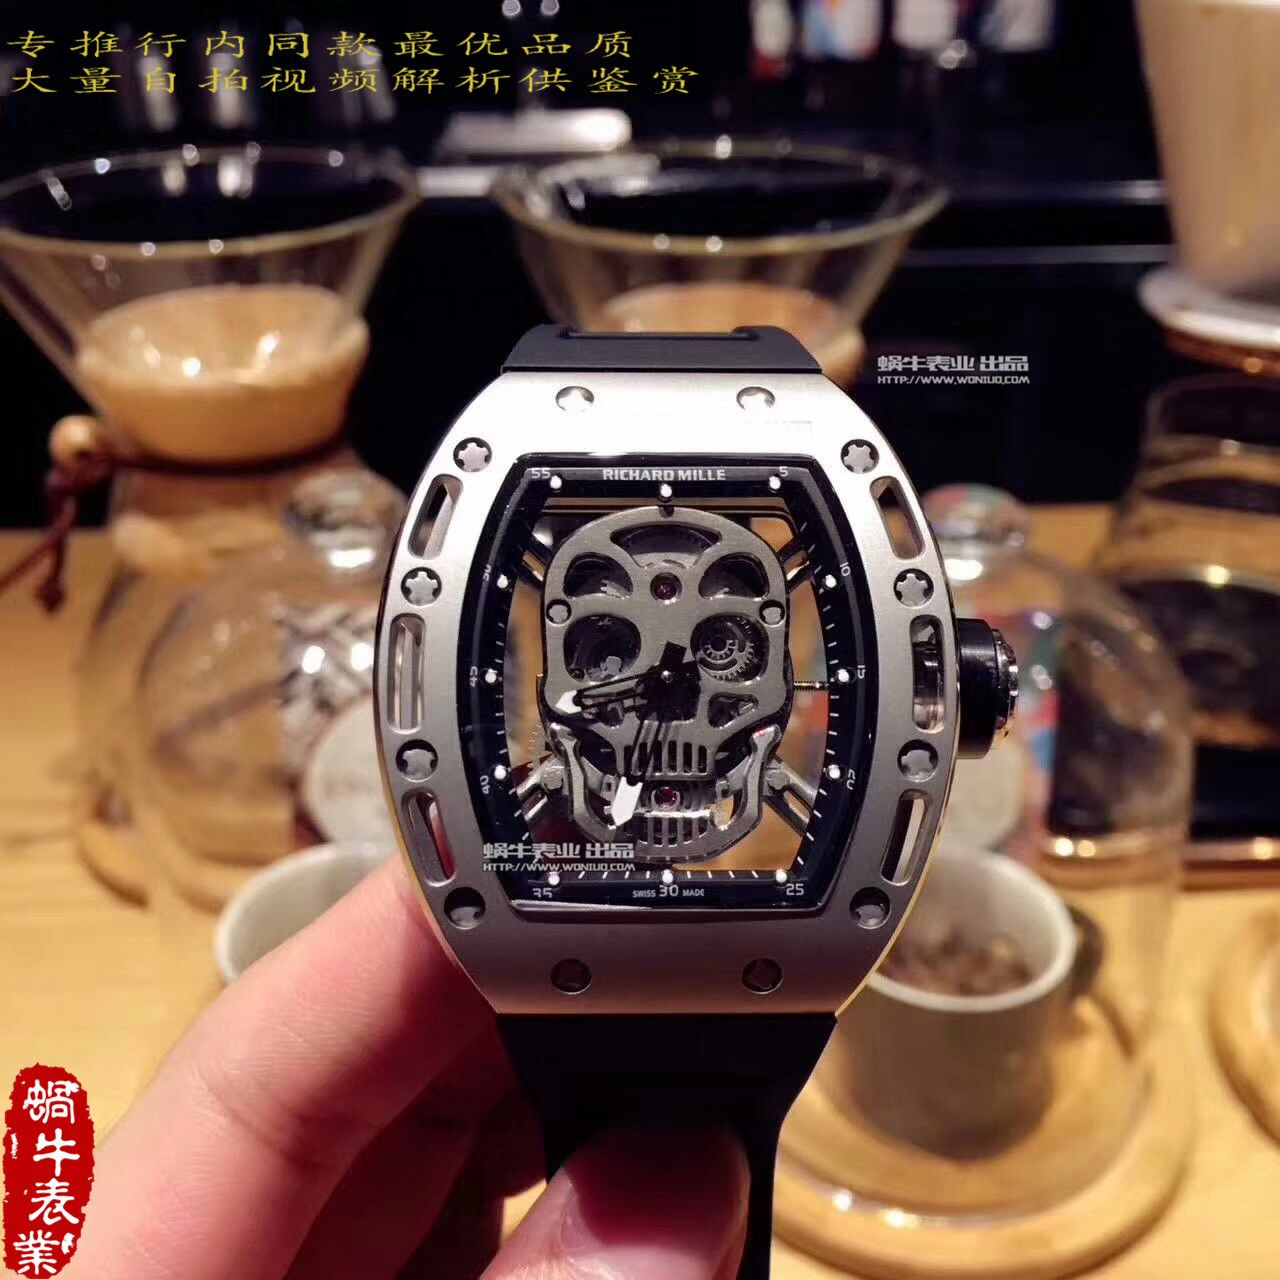 【KV厂一比一超A高仿手表】理查德.米勒男士系列RM 052银色骷髅头腕表 / RM 052B